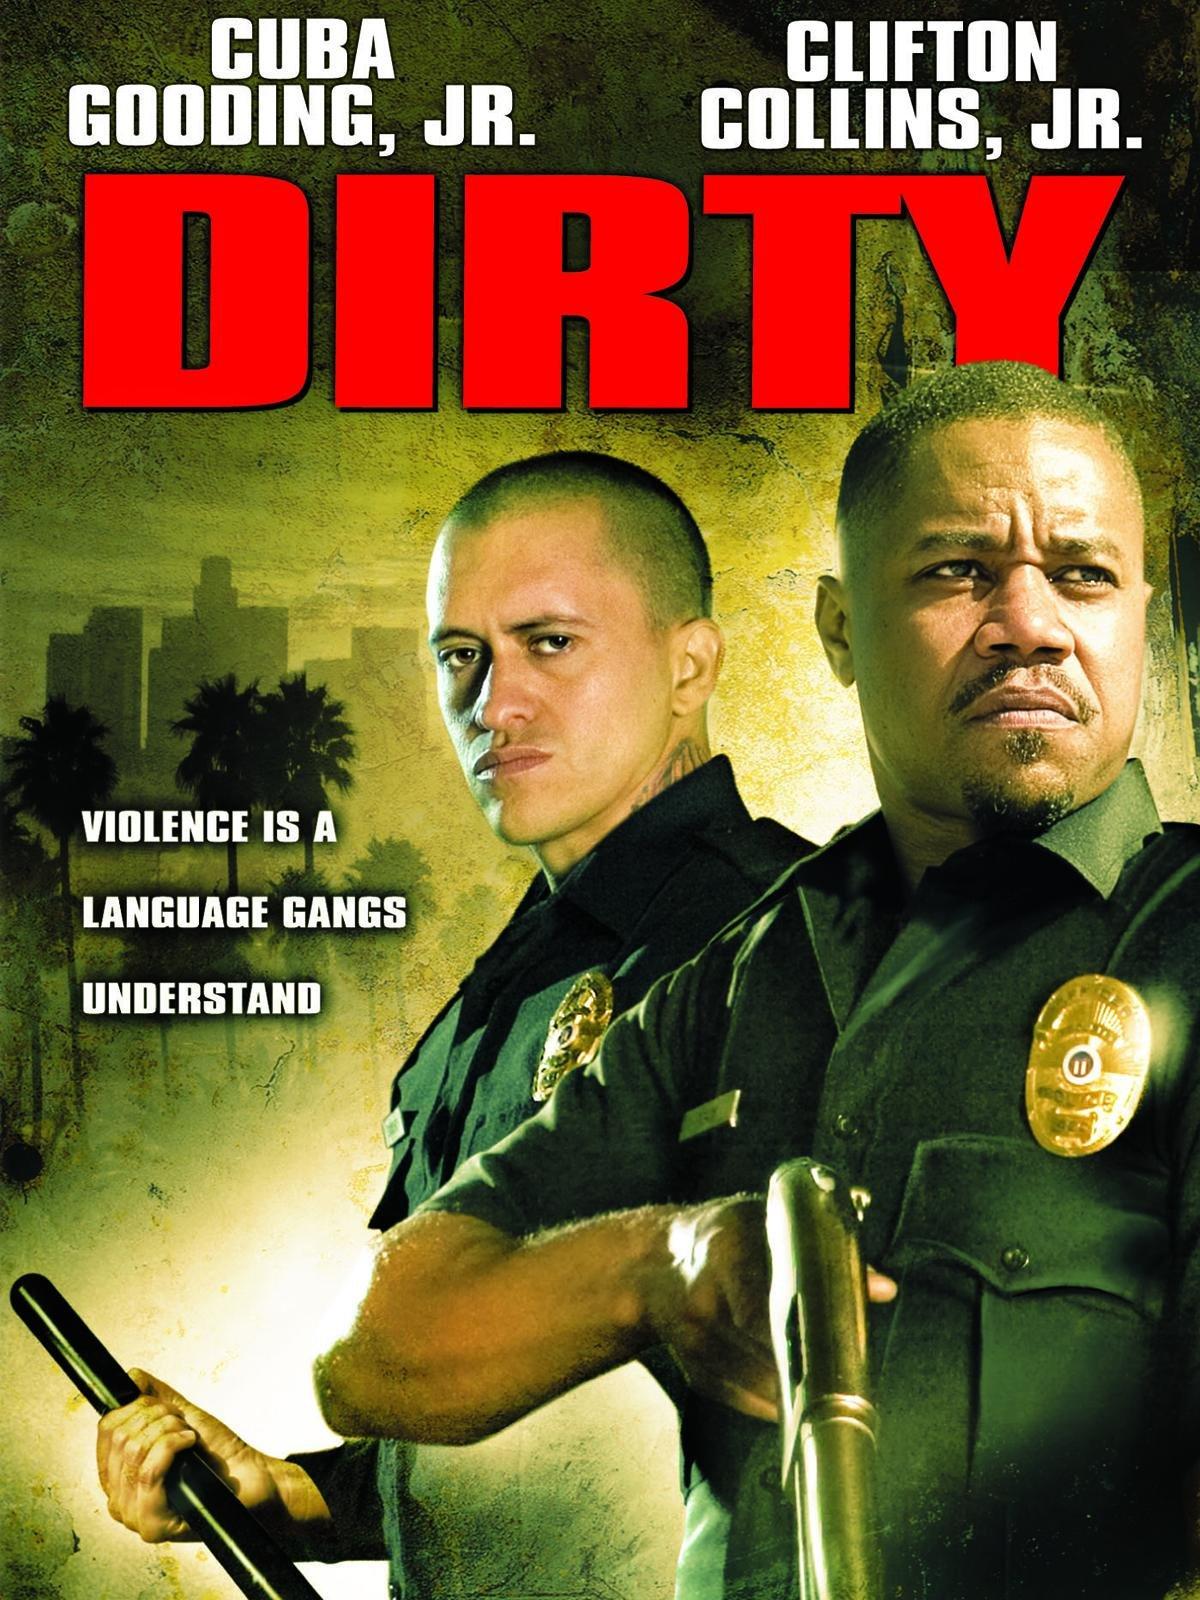 Amazon.com: Dirty: Cuba Gooding Jr., Clifton Collins Jr, Keith David ...